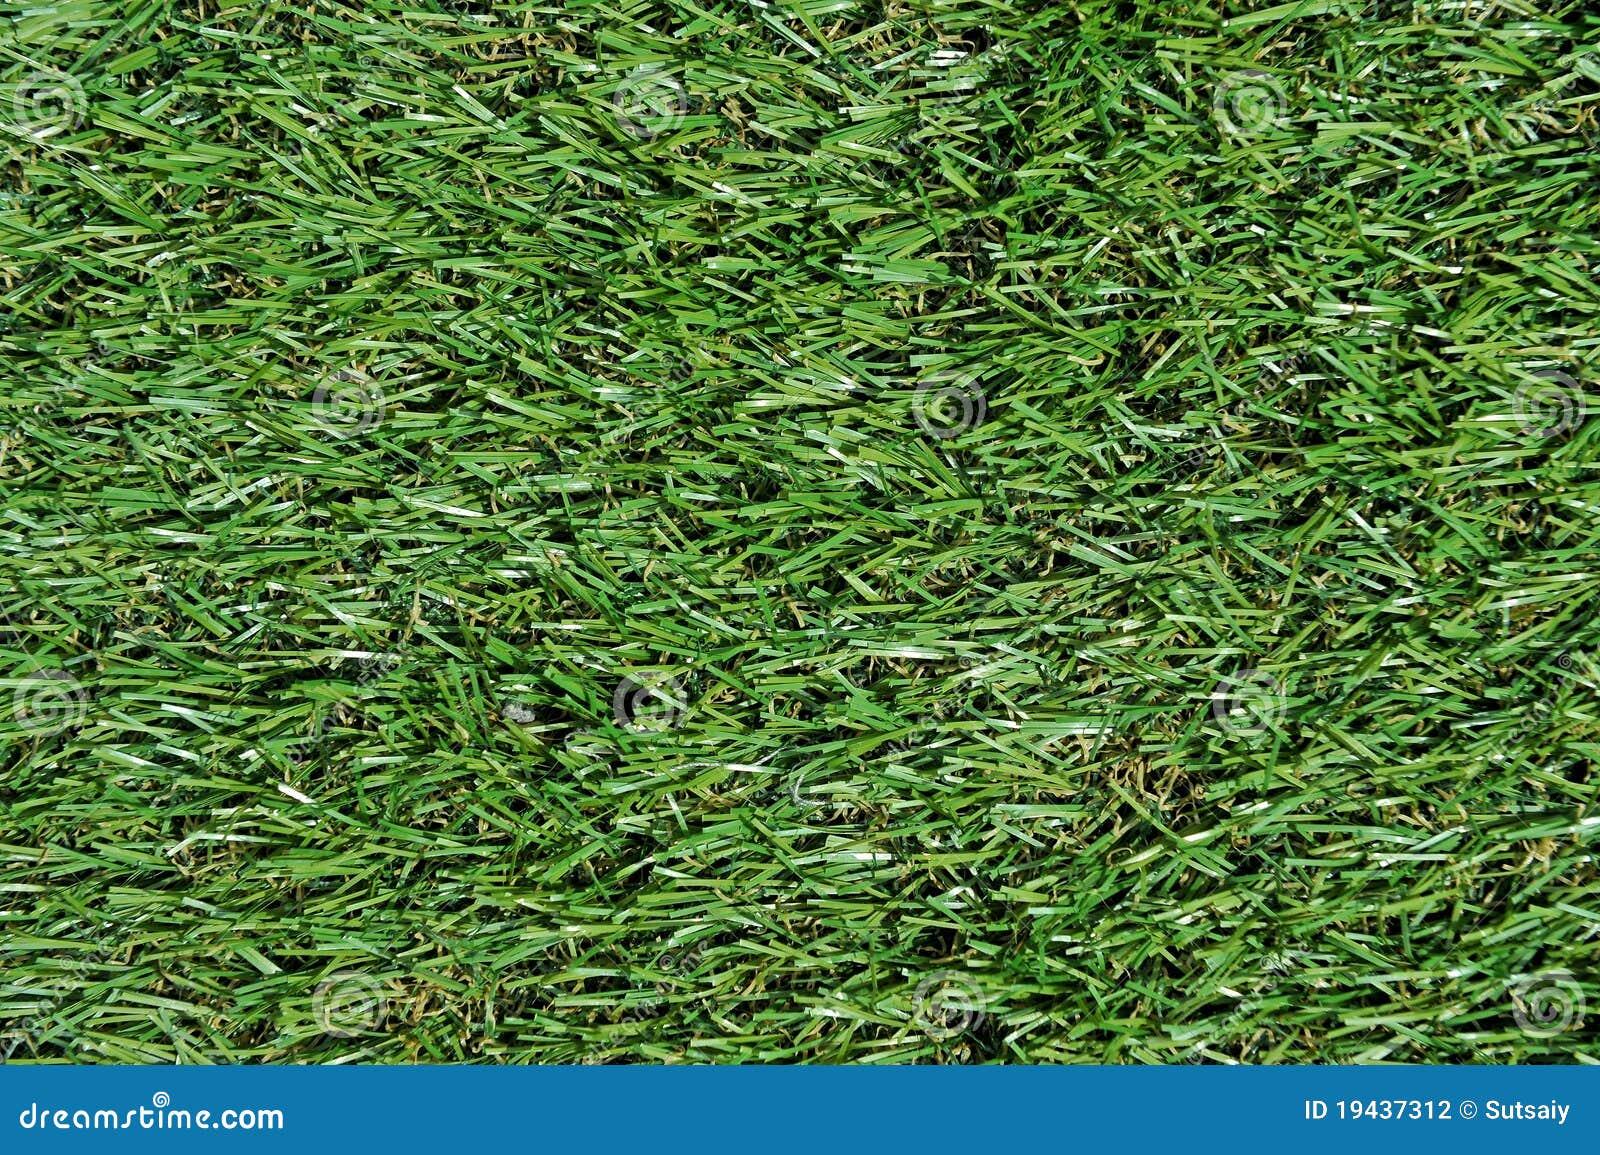 fake grass stock photo  image of fiber  cover  park  ground